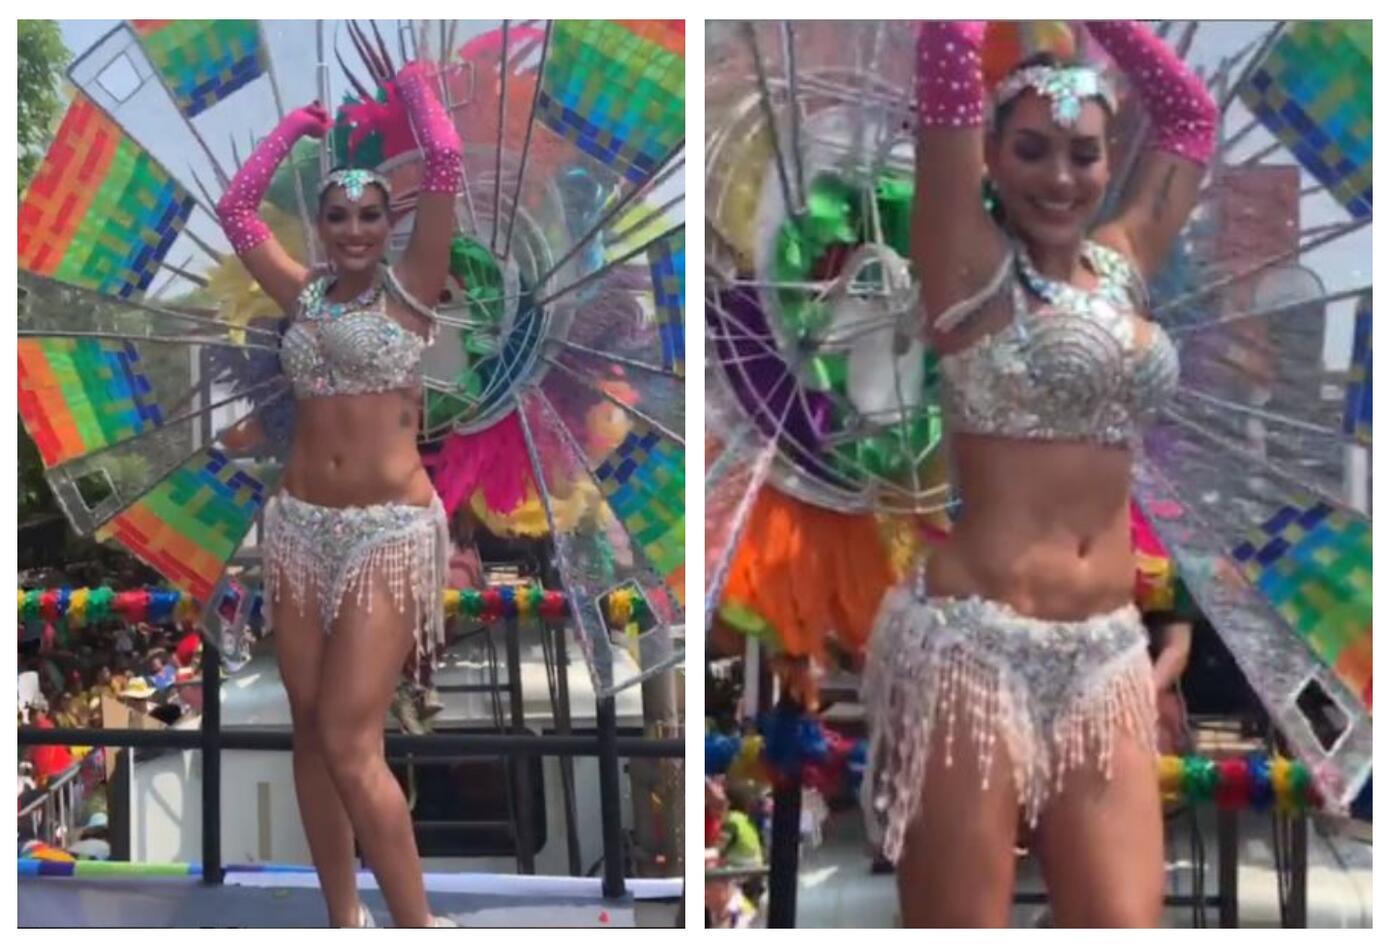 Andrea Valdiri en el Carnaval de Barranquilla 2019